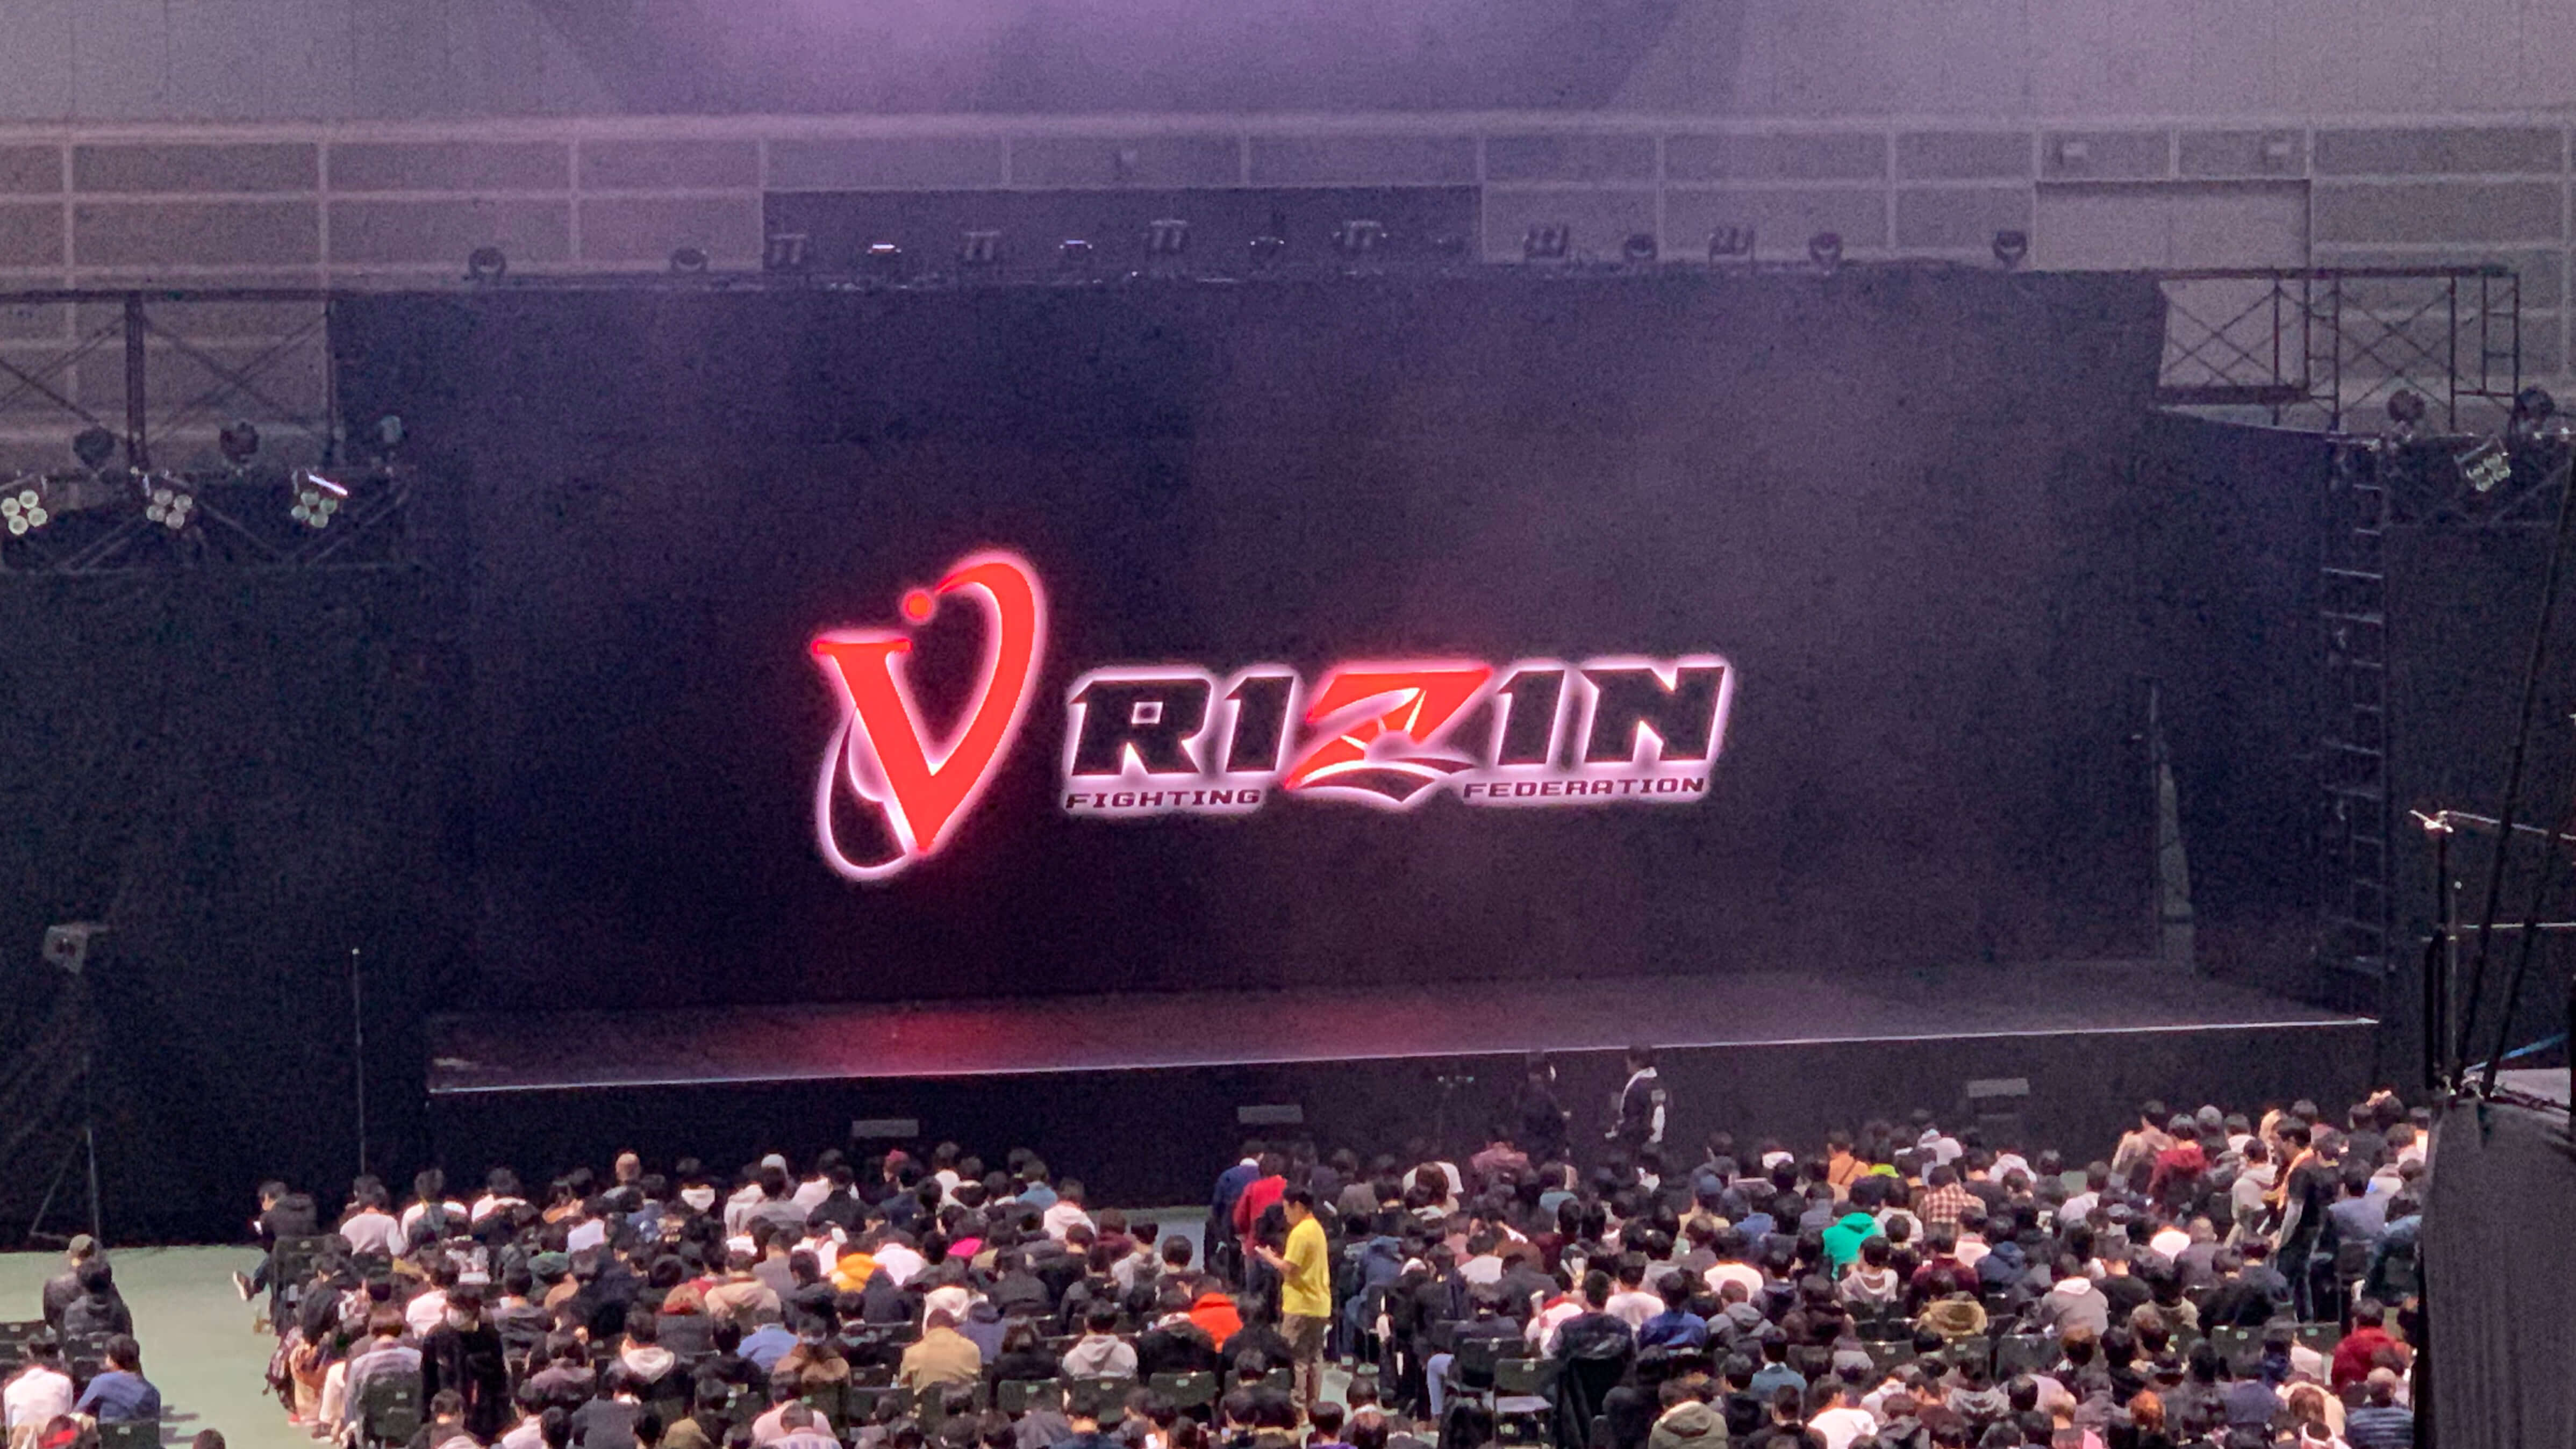 """RIZINとオタク文化が合体!""""RIZIN+Vtuber+e ..."""